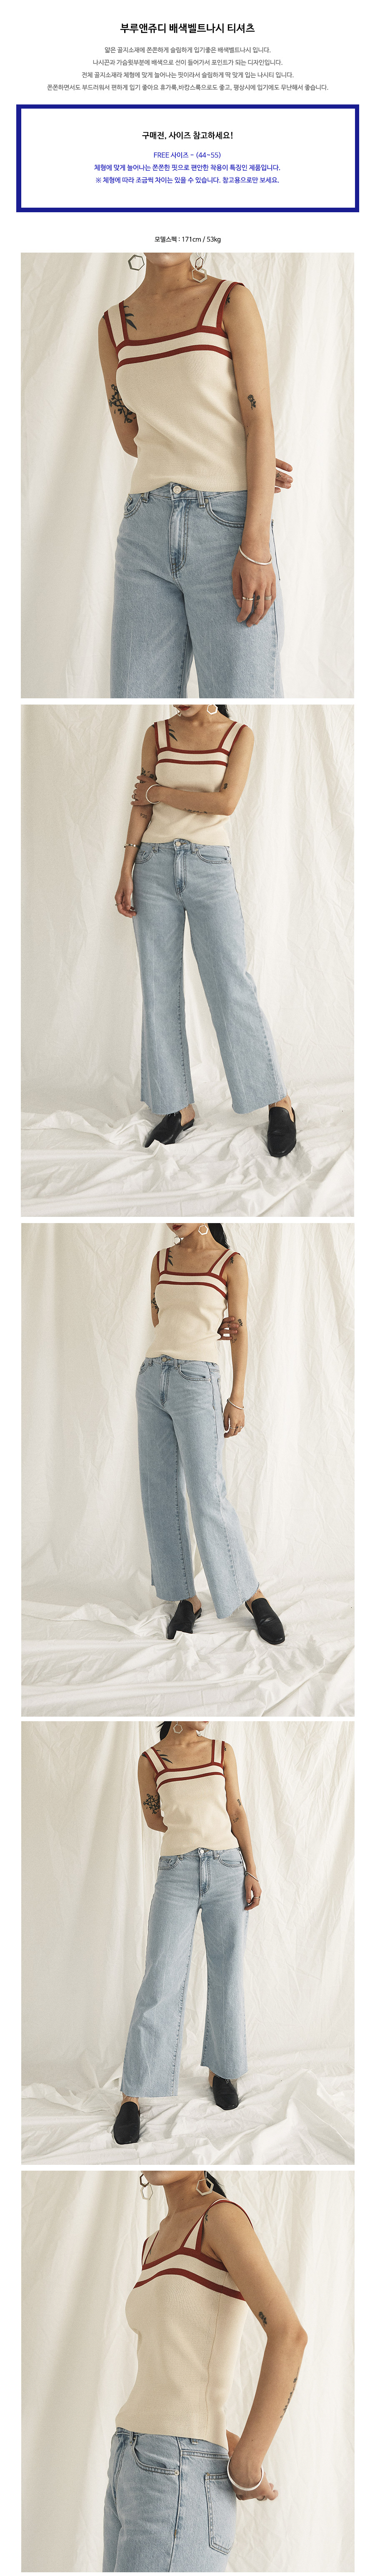 부루앤쥬디 배색벨트나시 티셔츠 WGKF1TK001 - 부루앤쥬디, 29,900원, 상의, 반팔티셔츠